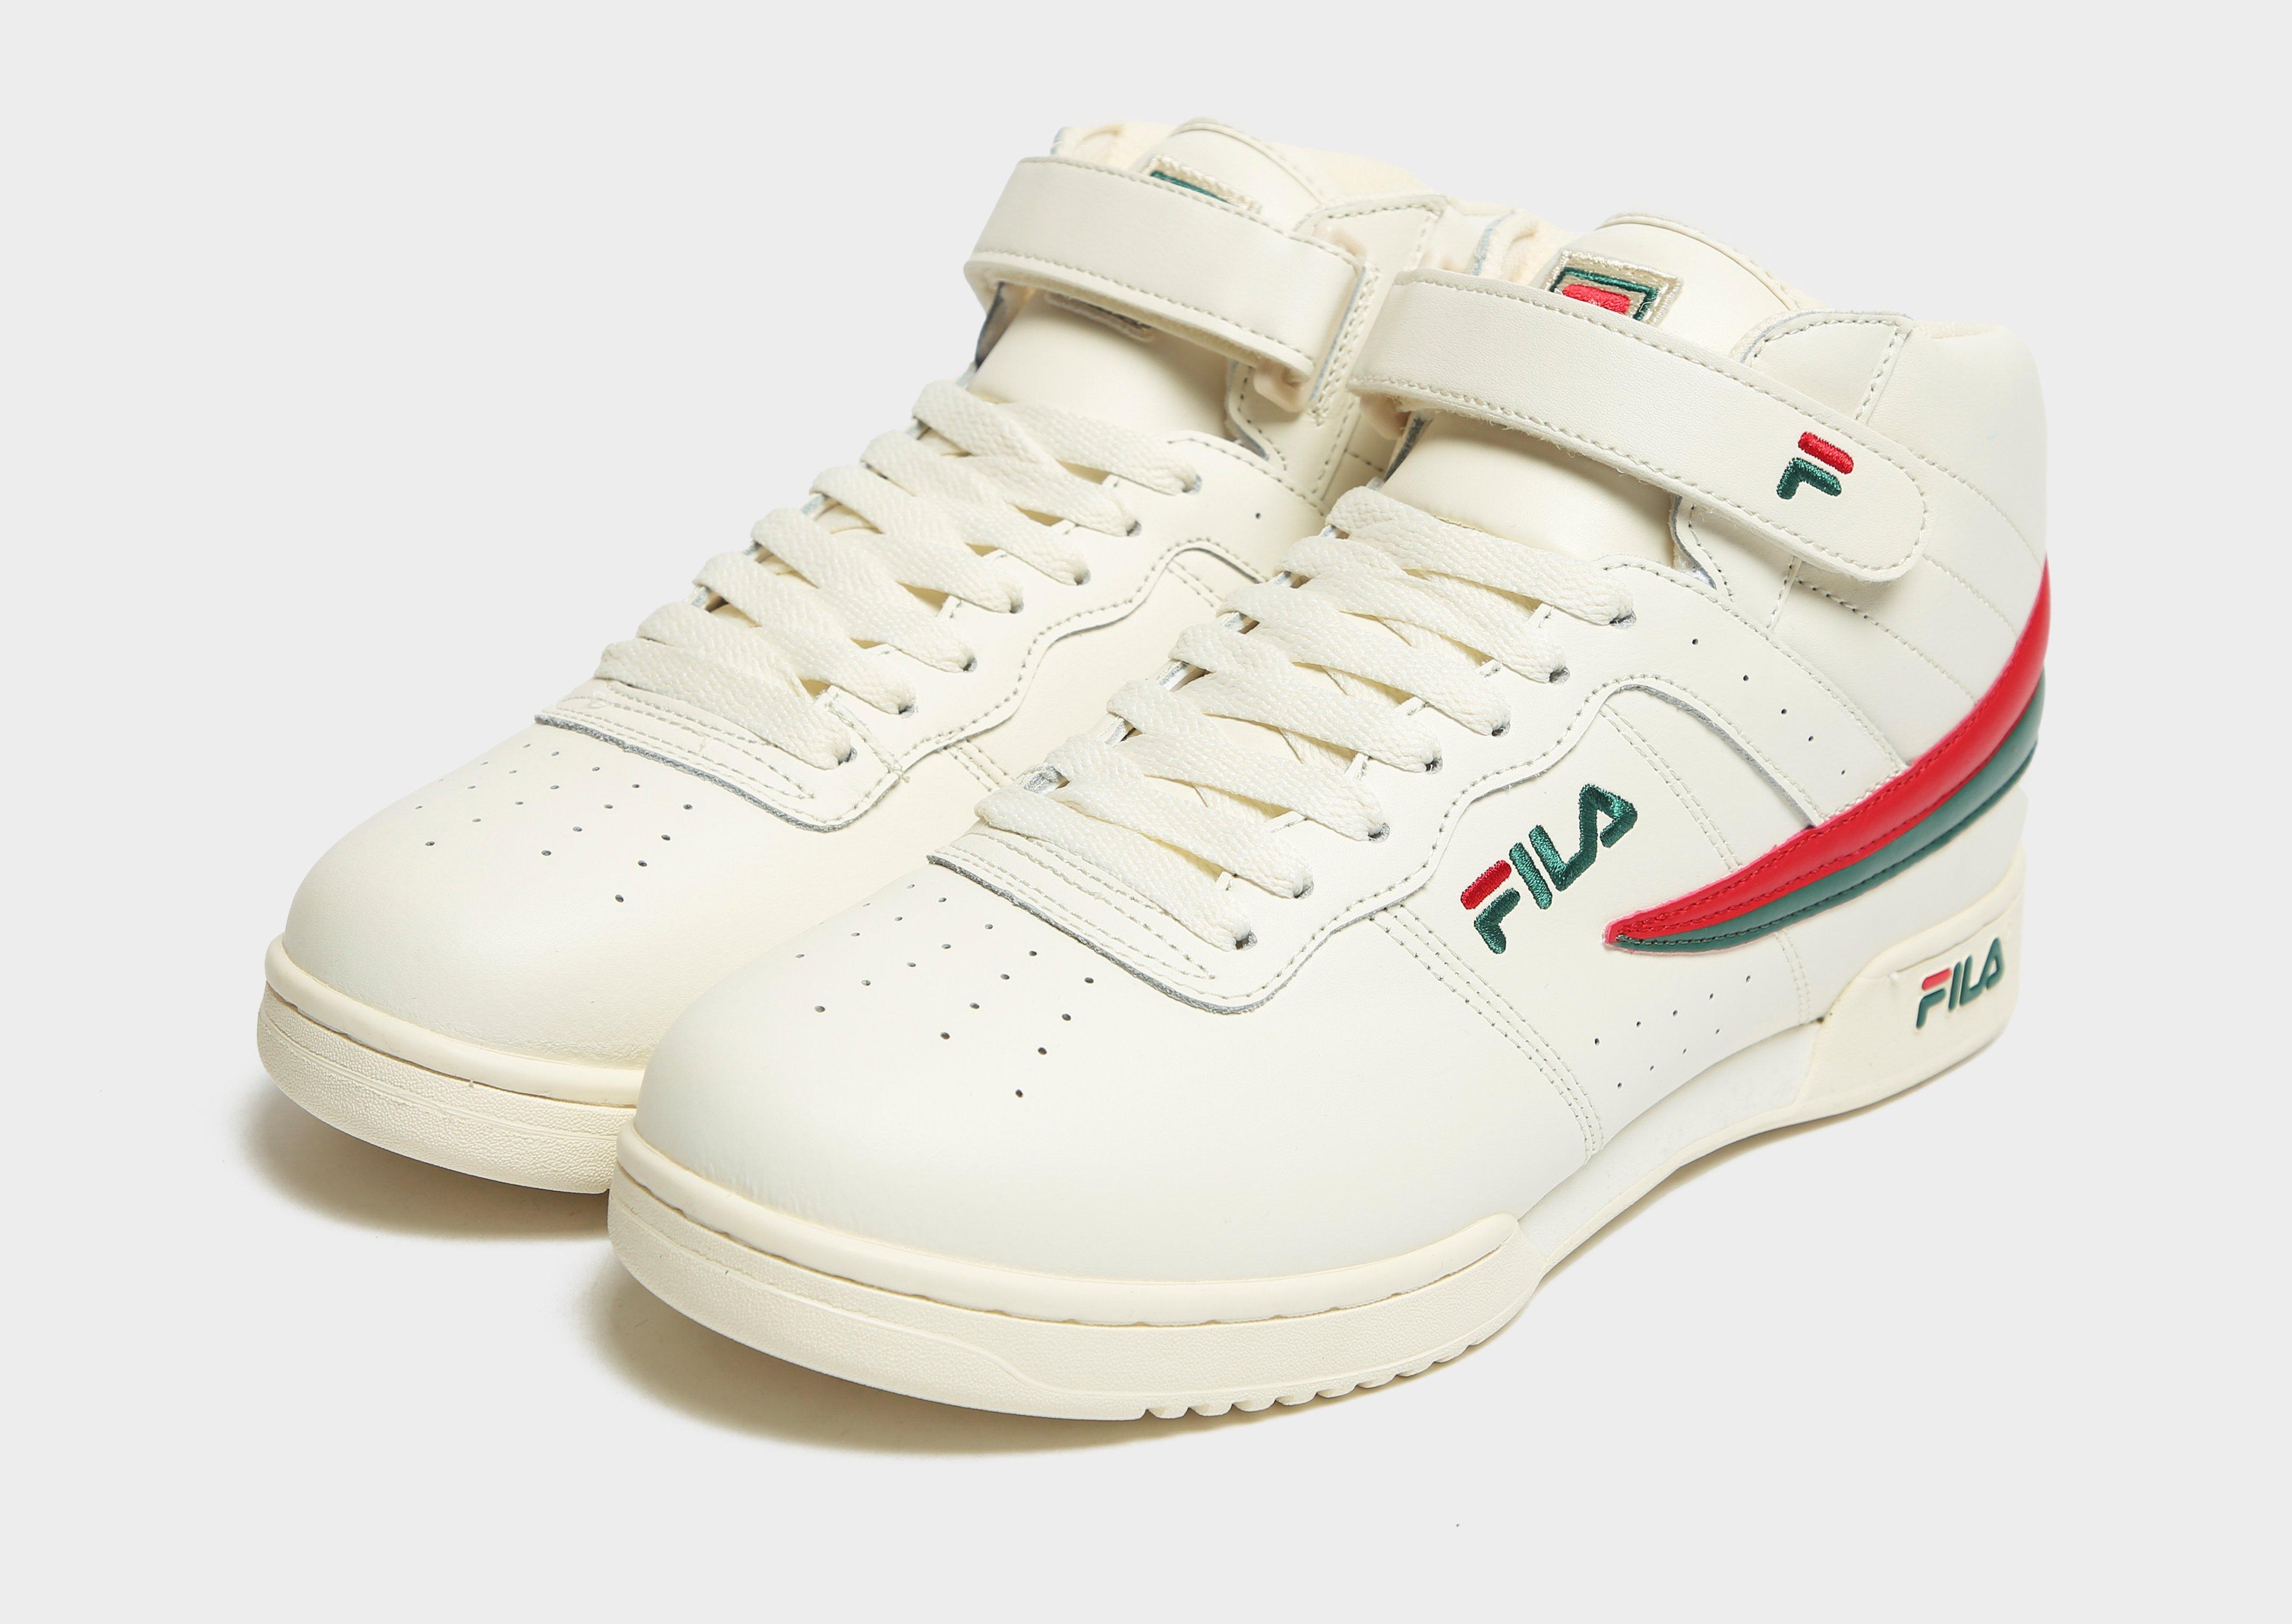 Zapatillas Fila F13 varios colores